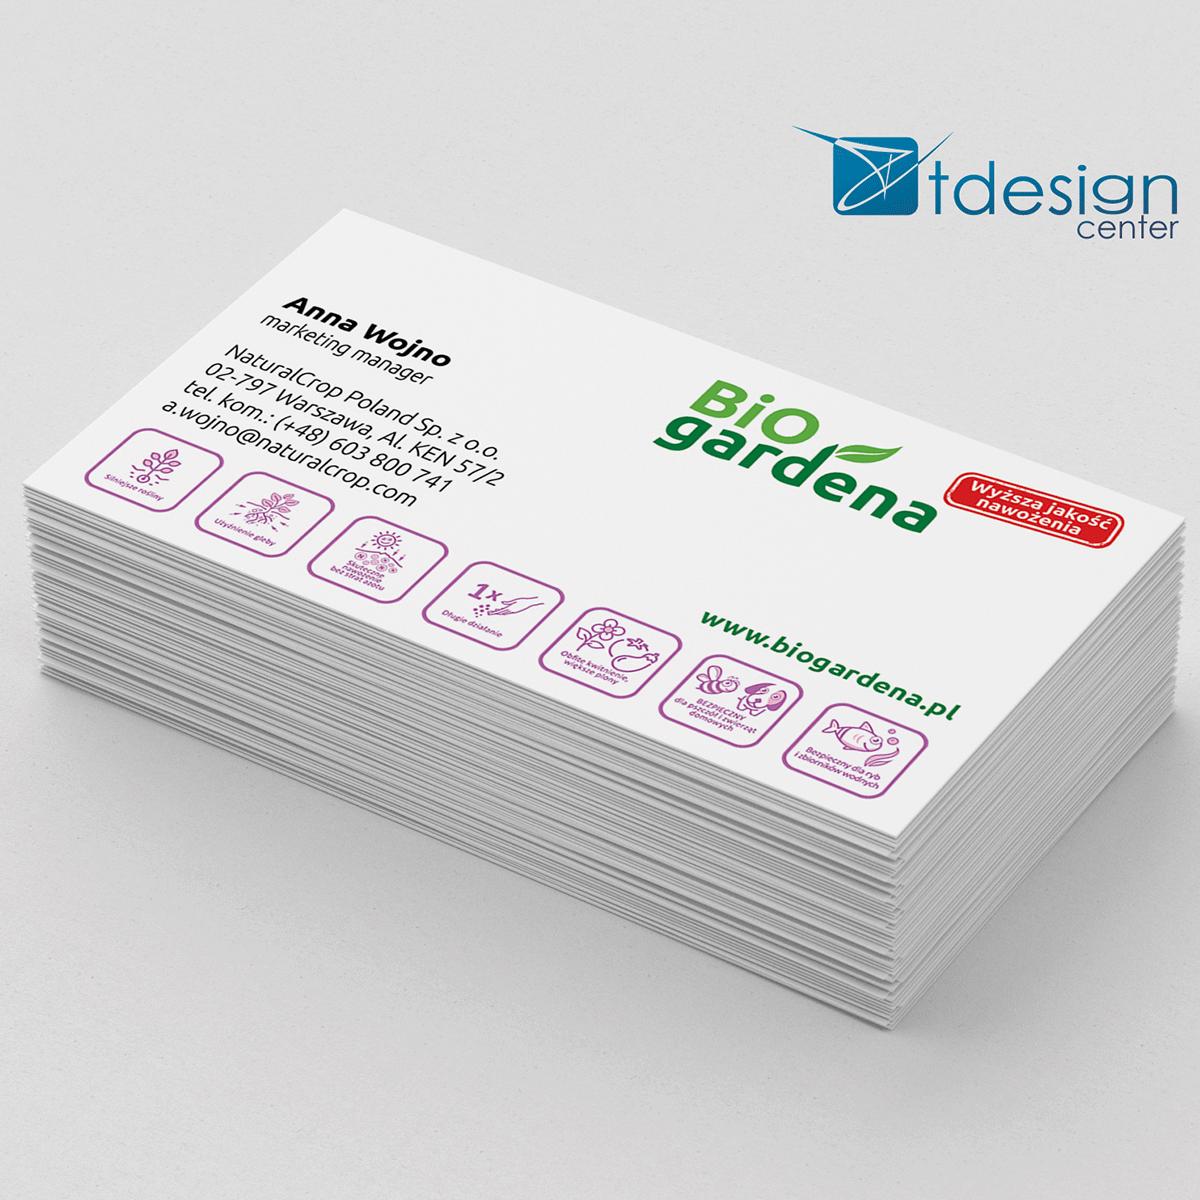 Wizytówka 90x50m, projekt + druk